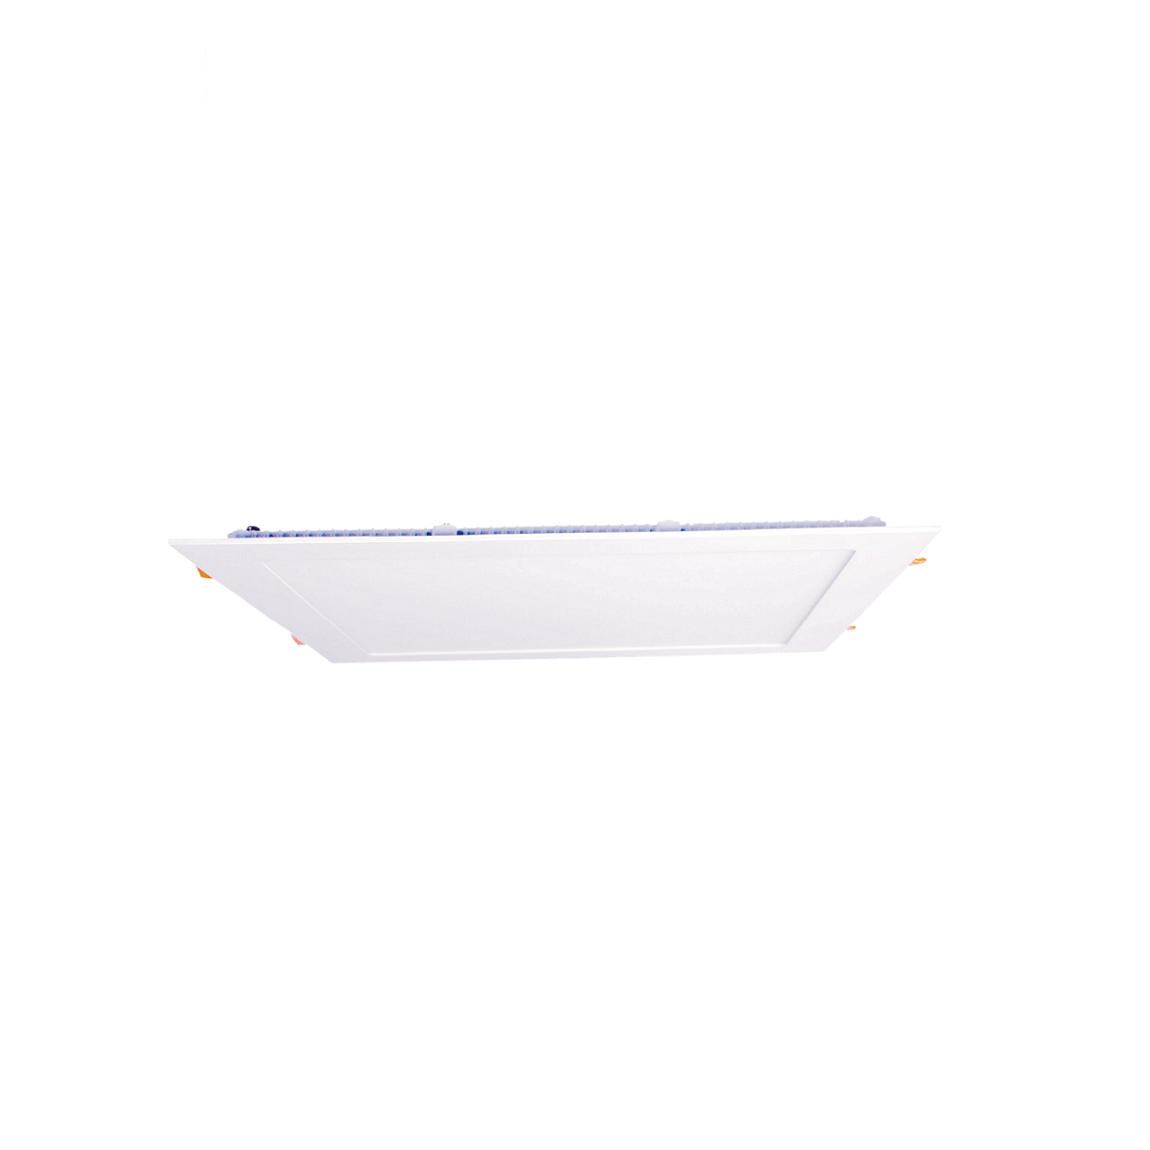 LW-SAAKP12 - 12 Watt Sıva Altı Kare LED Panel Armatür